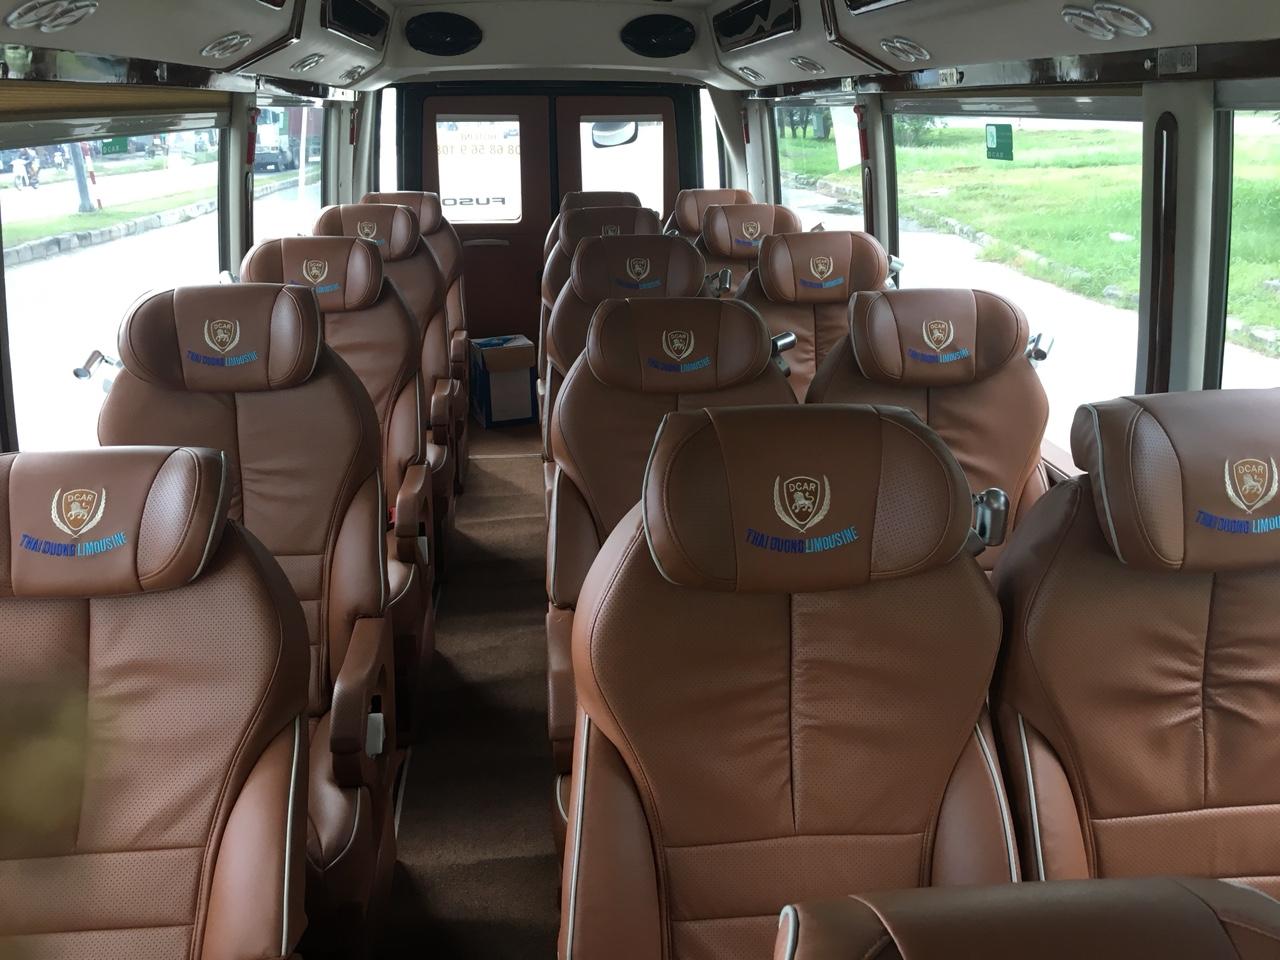 f43d77546955860bdf44 1 - Thuê xe Fuso limousine 19 chỗ đi Campuchia